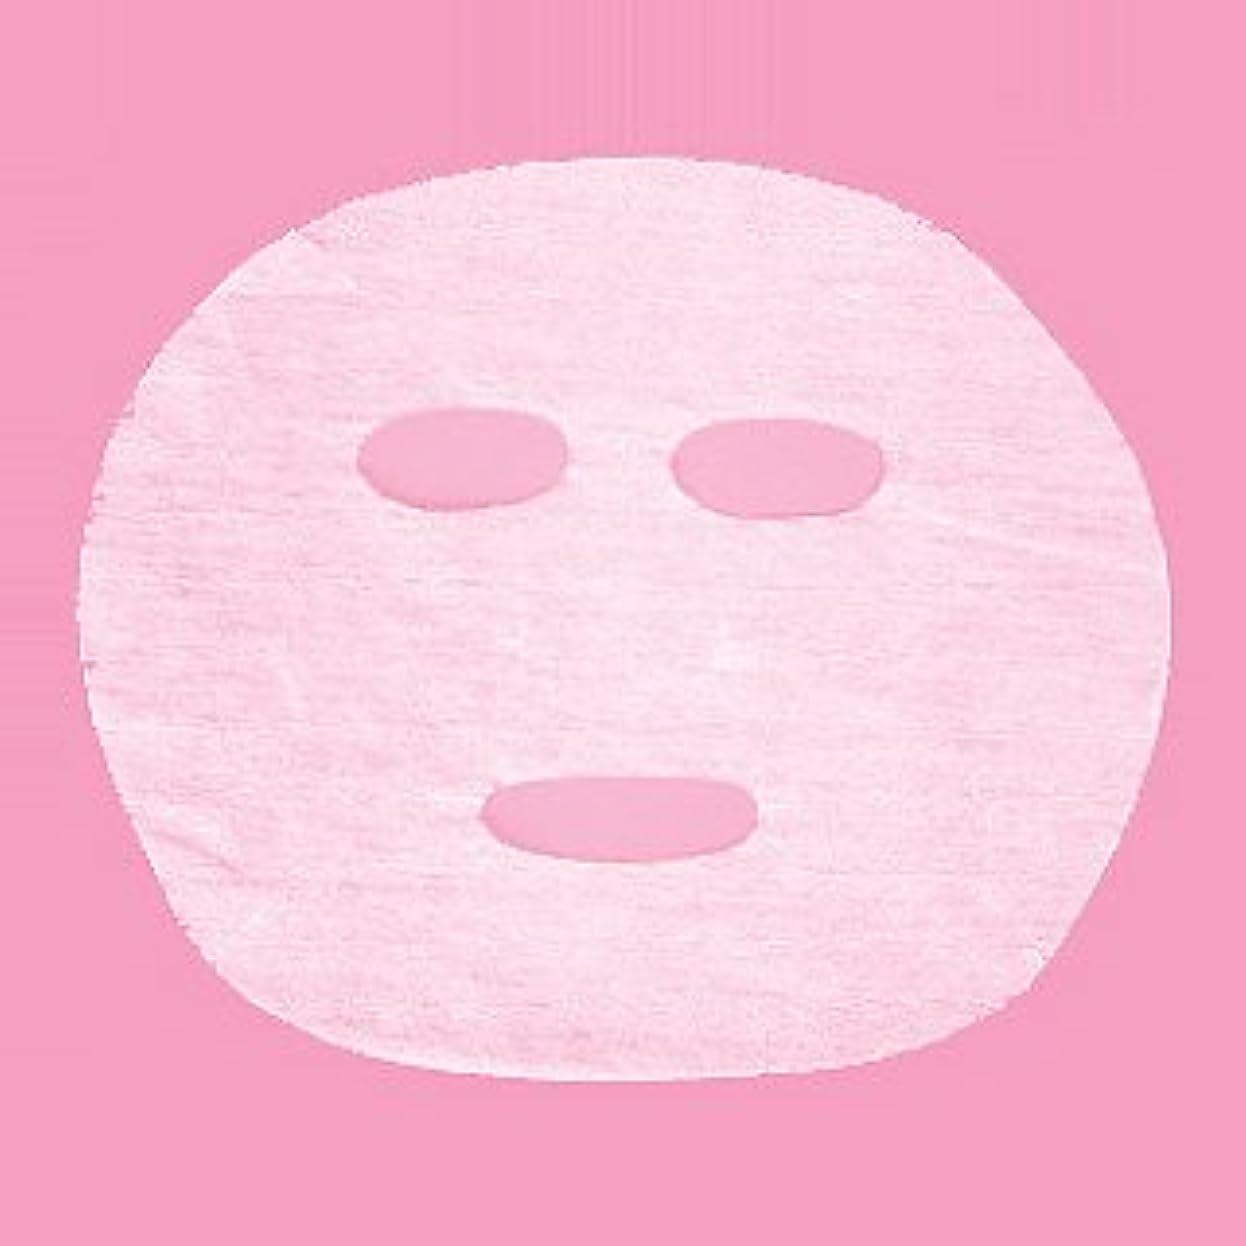 展示会バンクテレックスフェイシャルシート (やや厚手タイプ) 20枚入 23.5×19cm [ フェイスマスク フェイスシート フェイスパック フェイシャルマスク フェイシャルパック ローションマスク ローションパック フェイス パック マスク ]